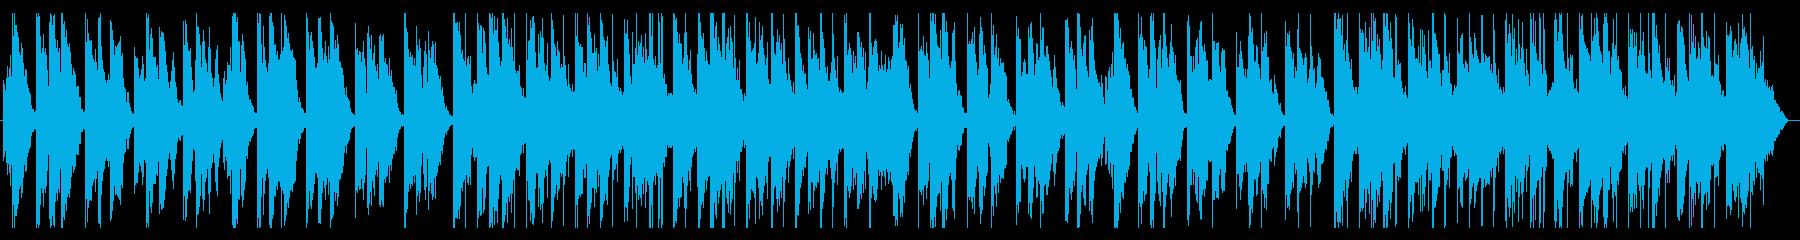 嵐の前の静けさを感じるBGMの再生済みの波形